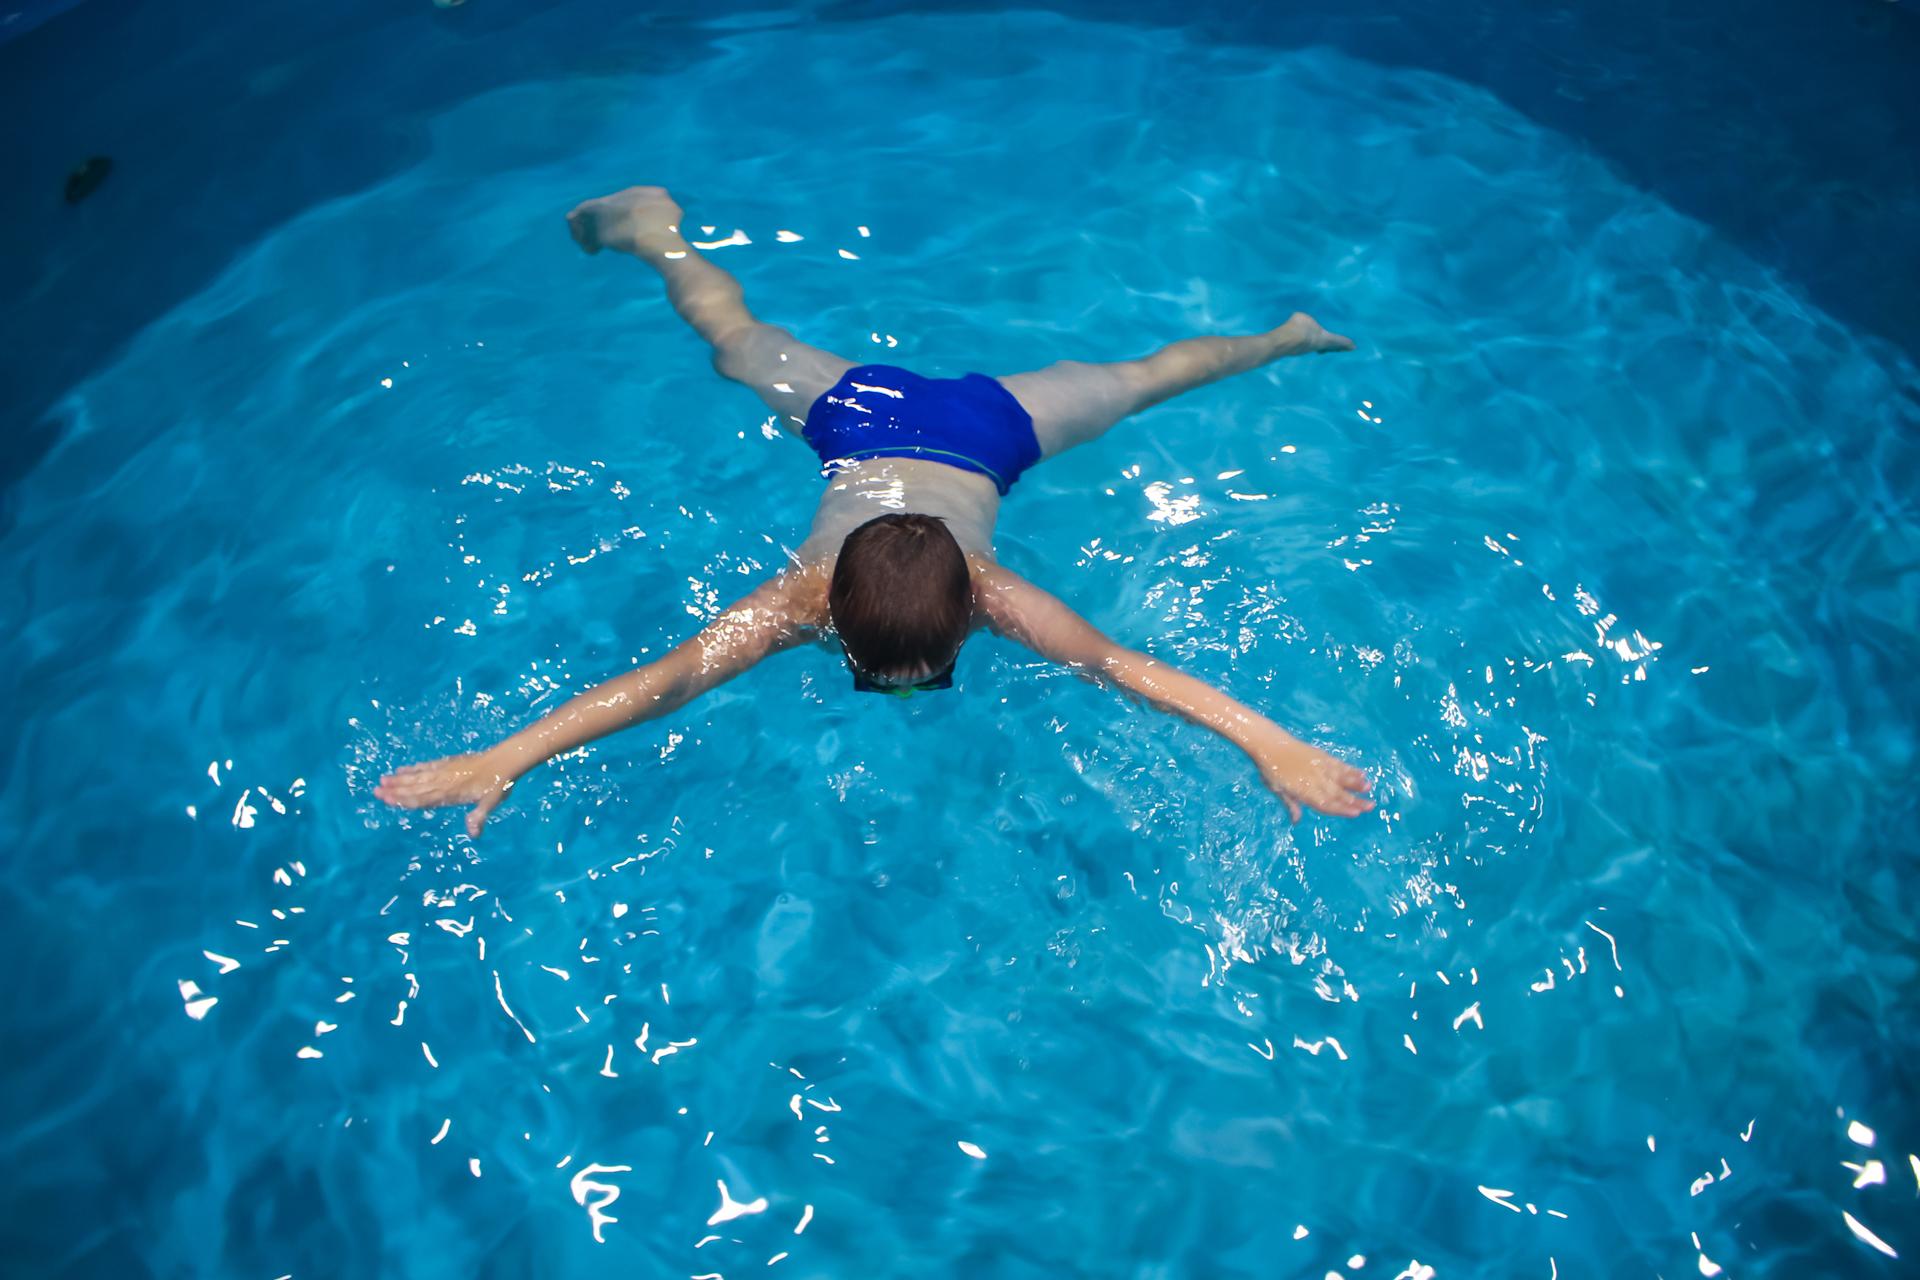 плитки плавающая картинка создать цвета, современный дизайн